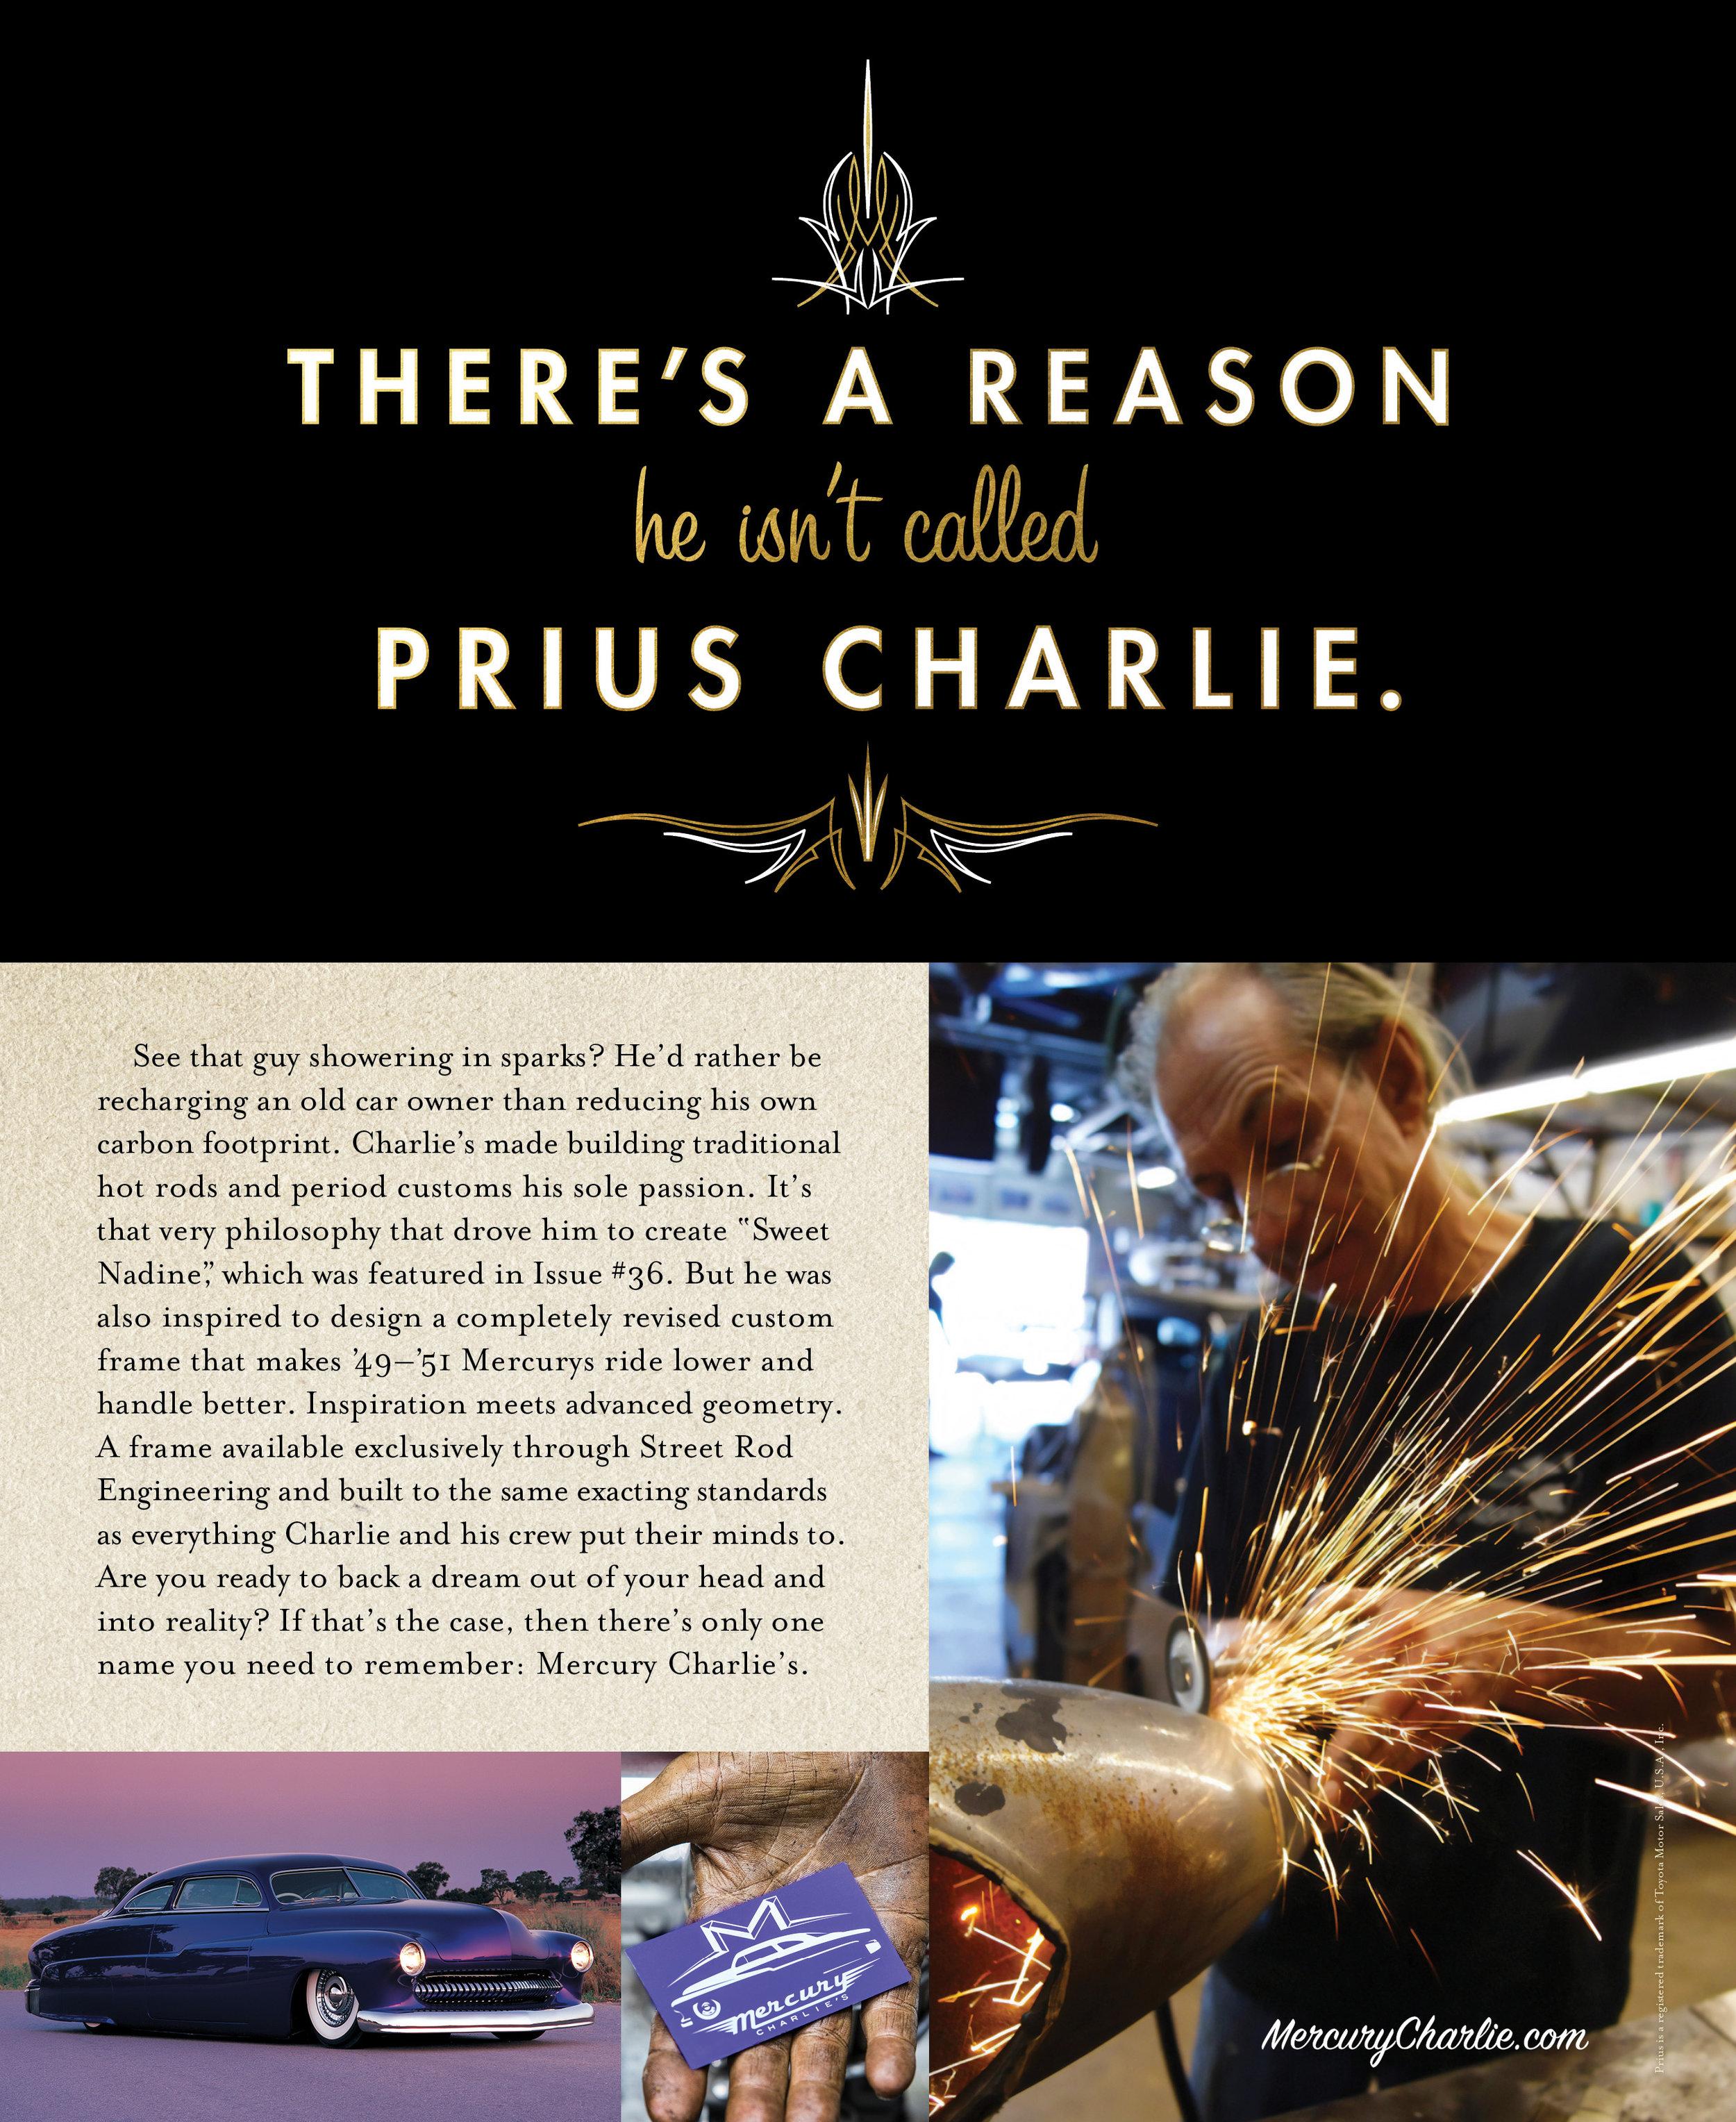 Mercury Charlie_Prius Charlie 1pg Final.jpg